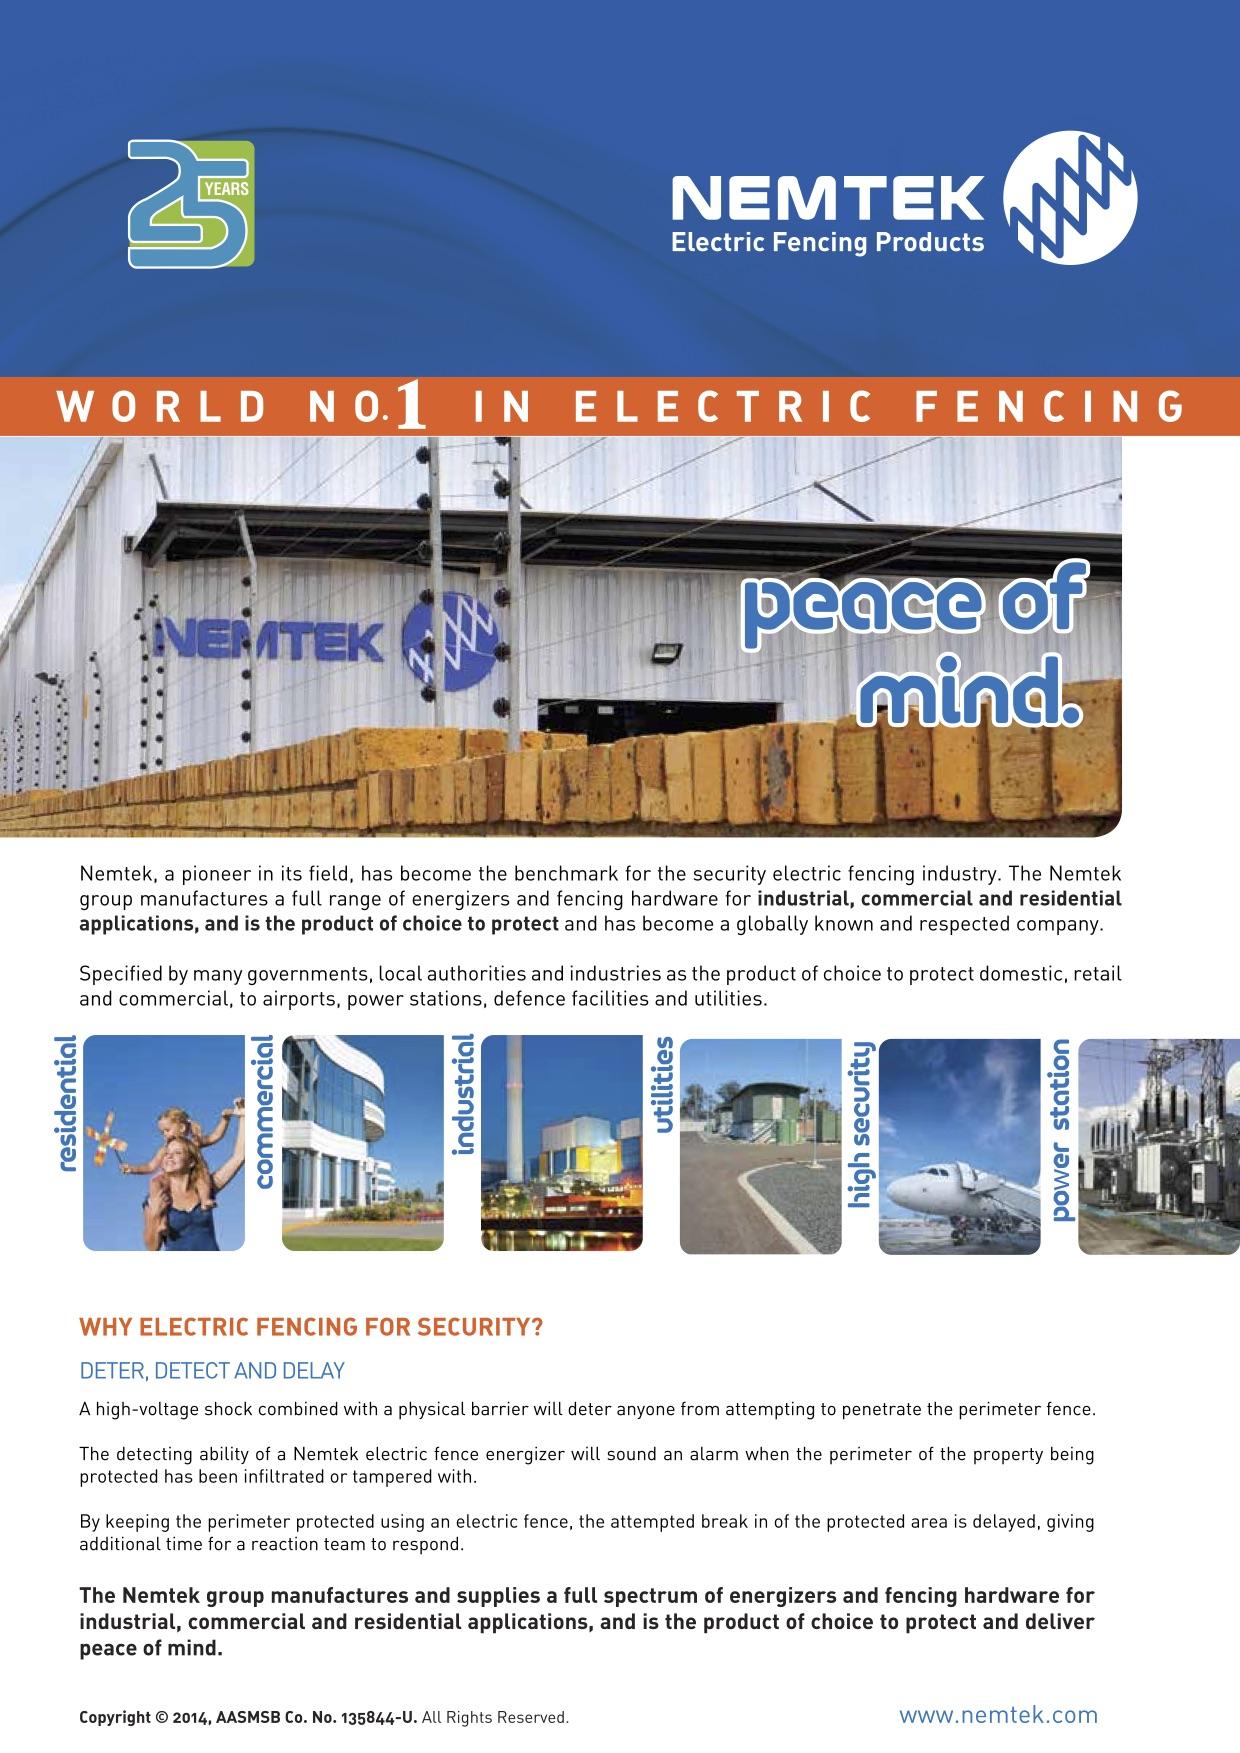 Nemtek-Electric-Fencing